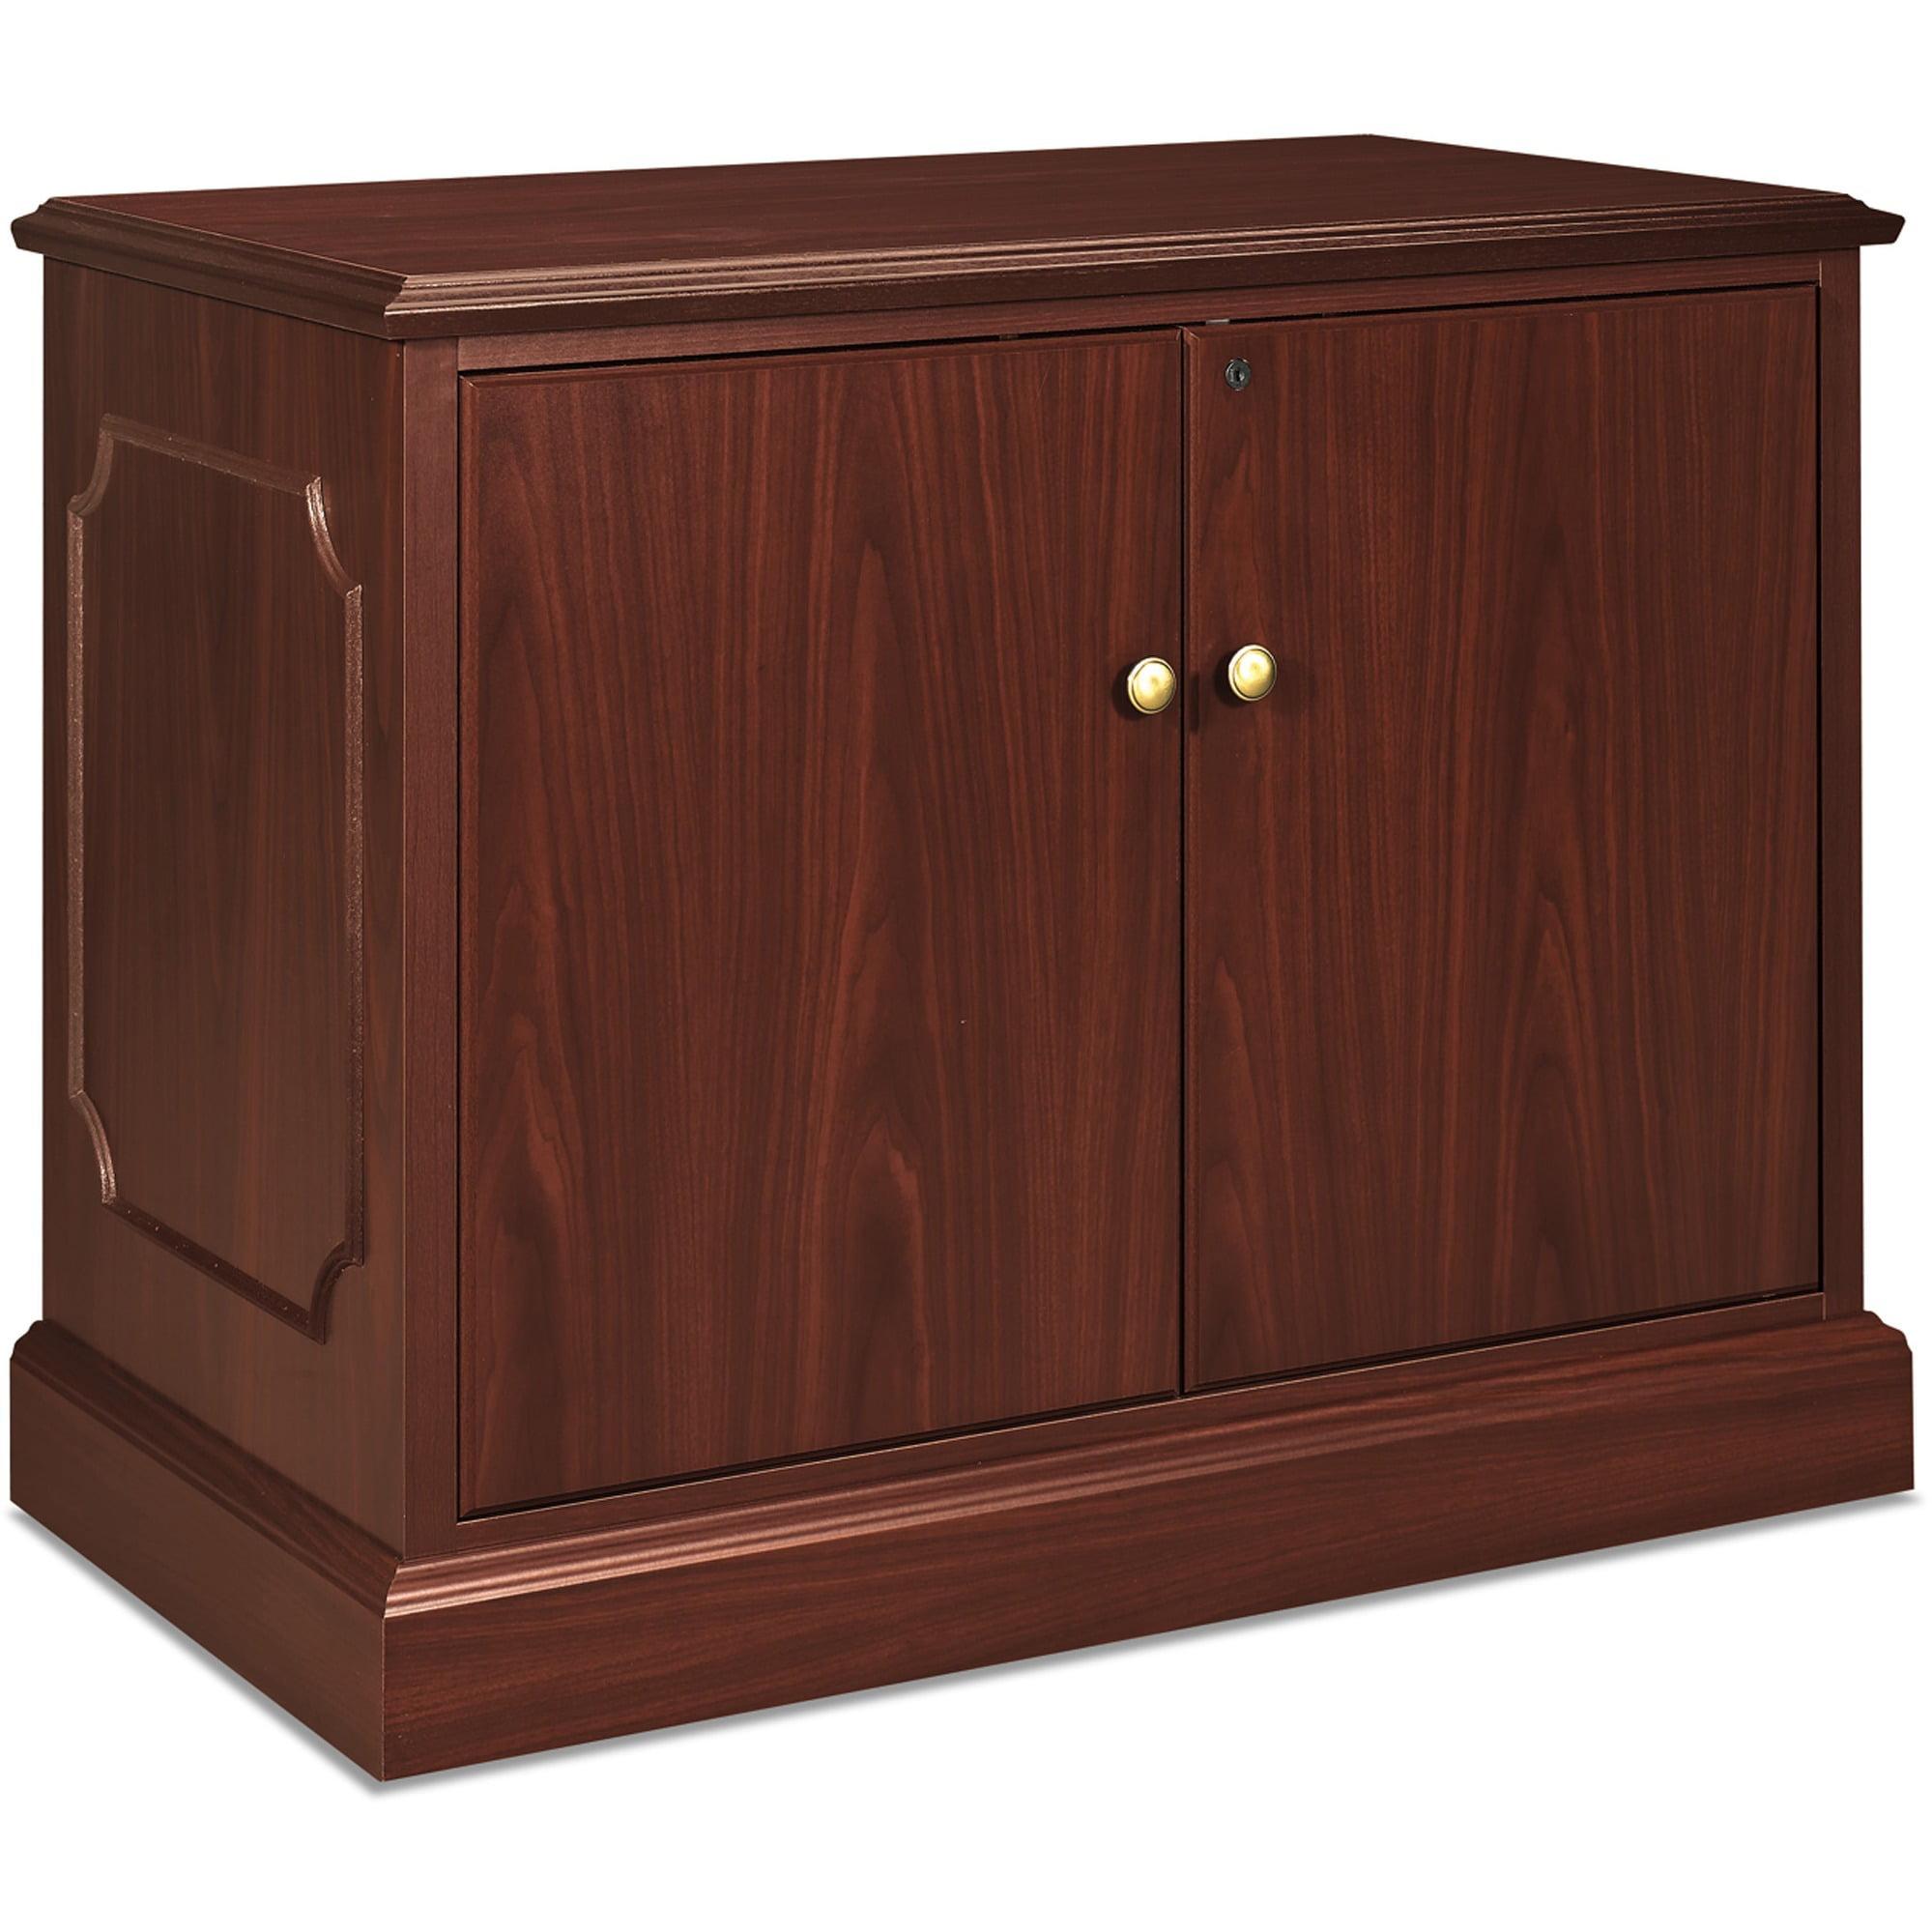 HON, HON94291NN, 94000 Series Storage Cabinet, 1 Each